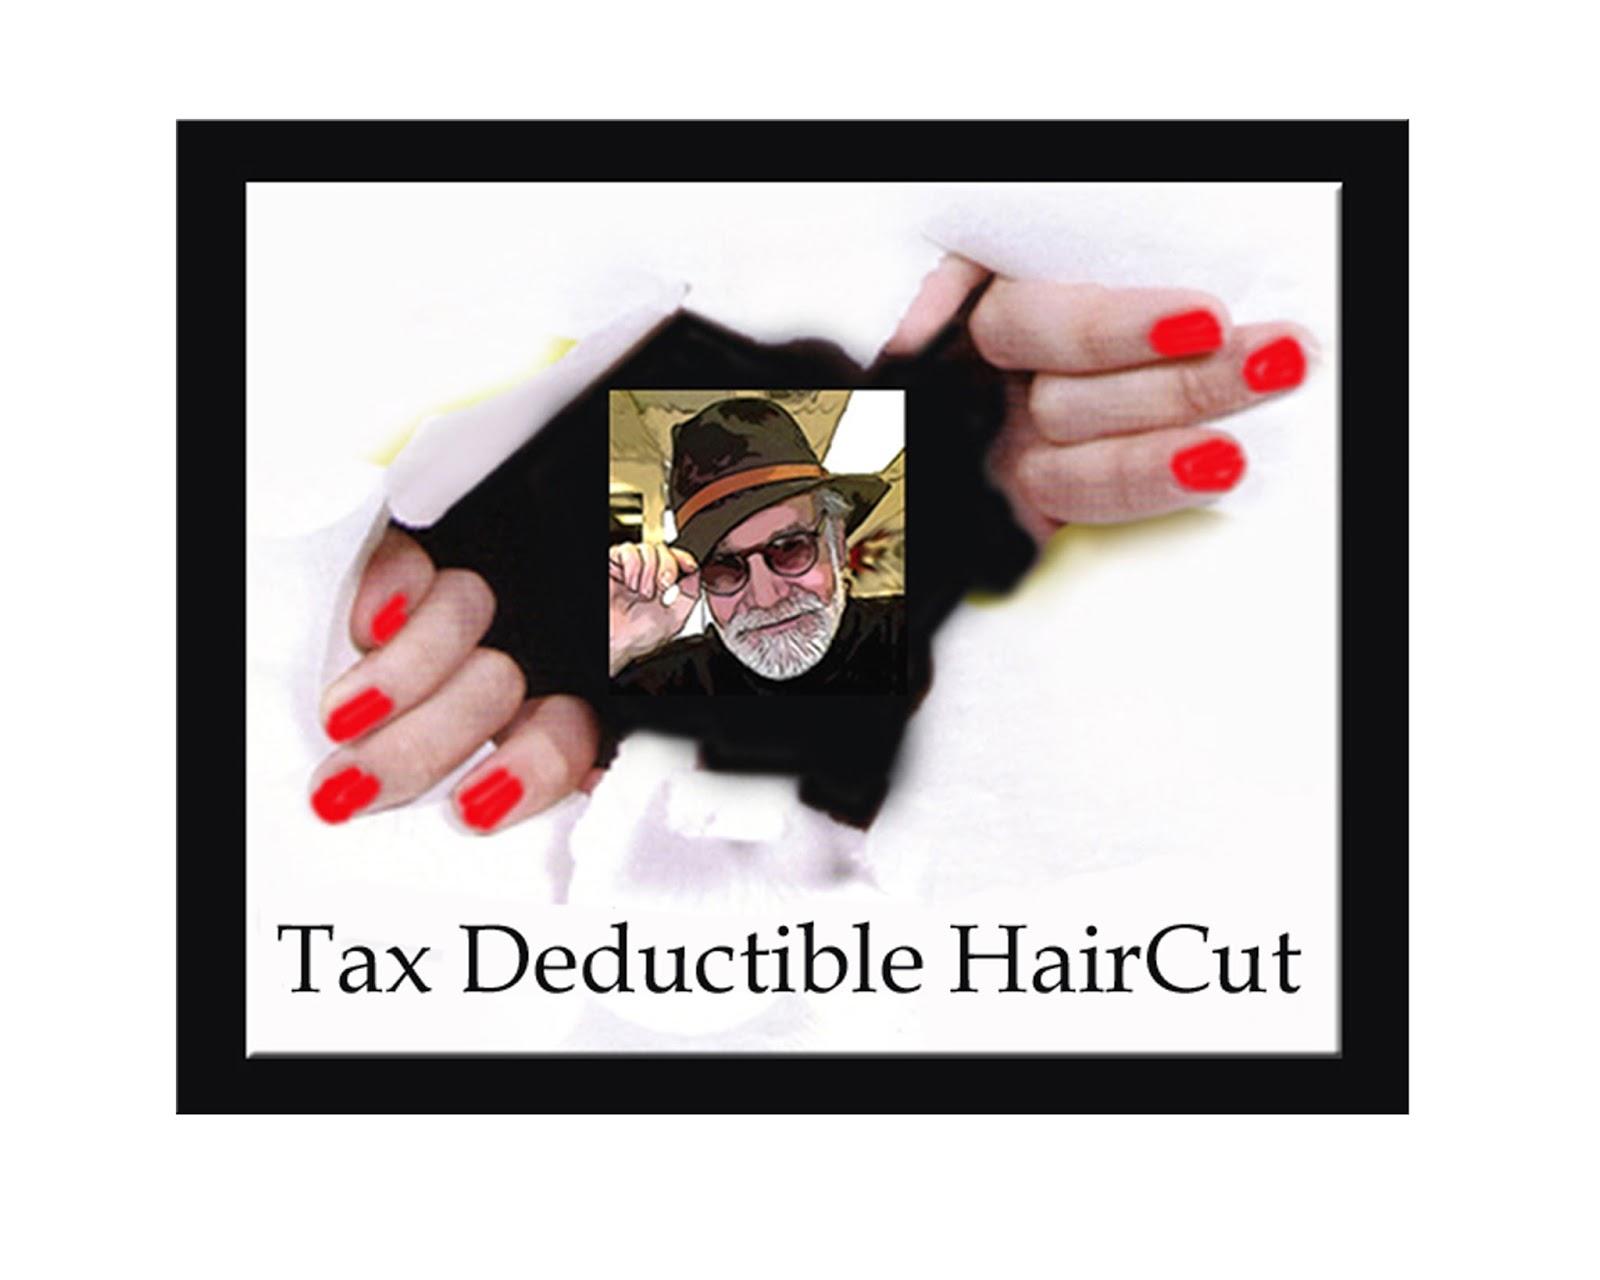 George Caroll Hollywood Hair Stylist Tax Deductable Haircut